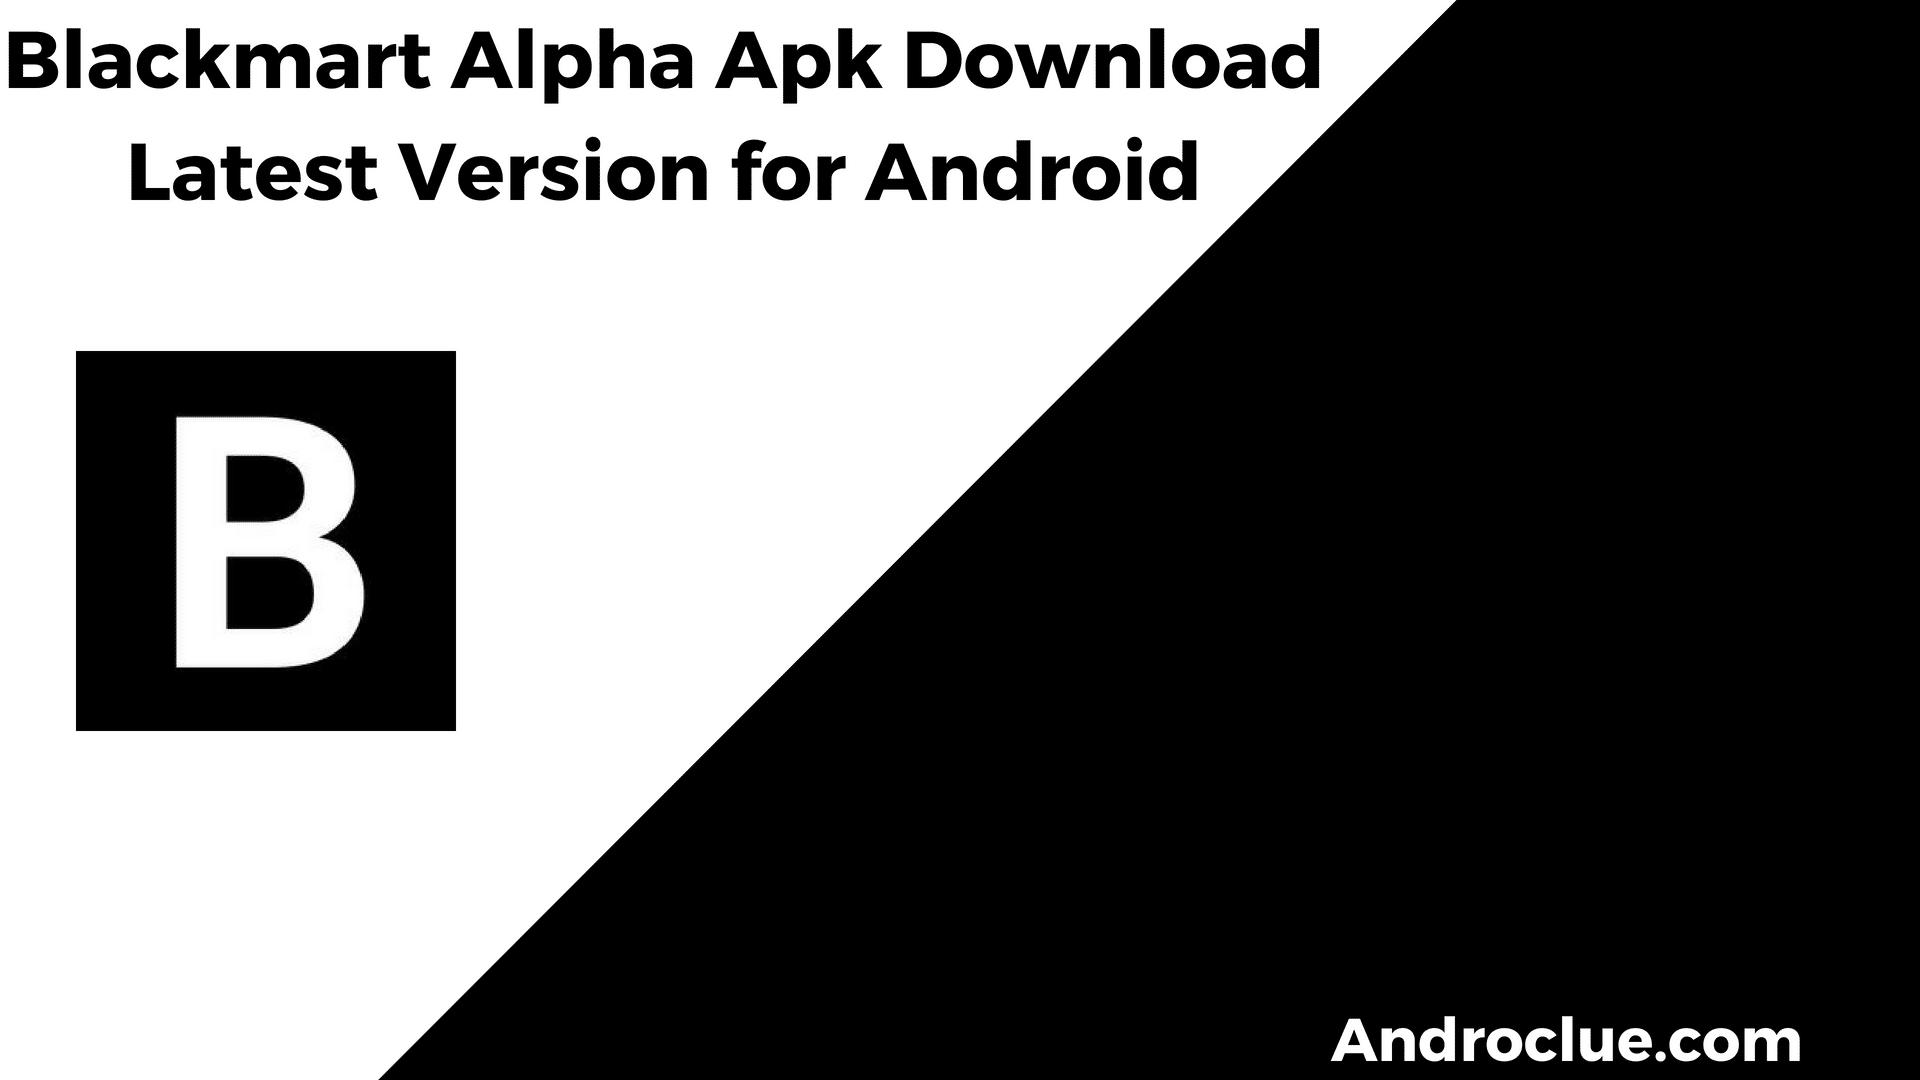 Android Black Market Apk Download | Unixpaint